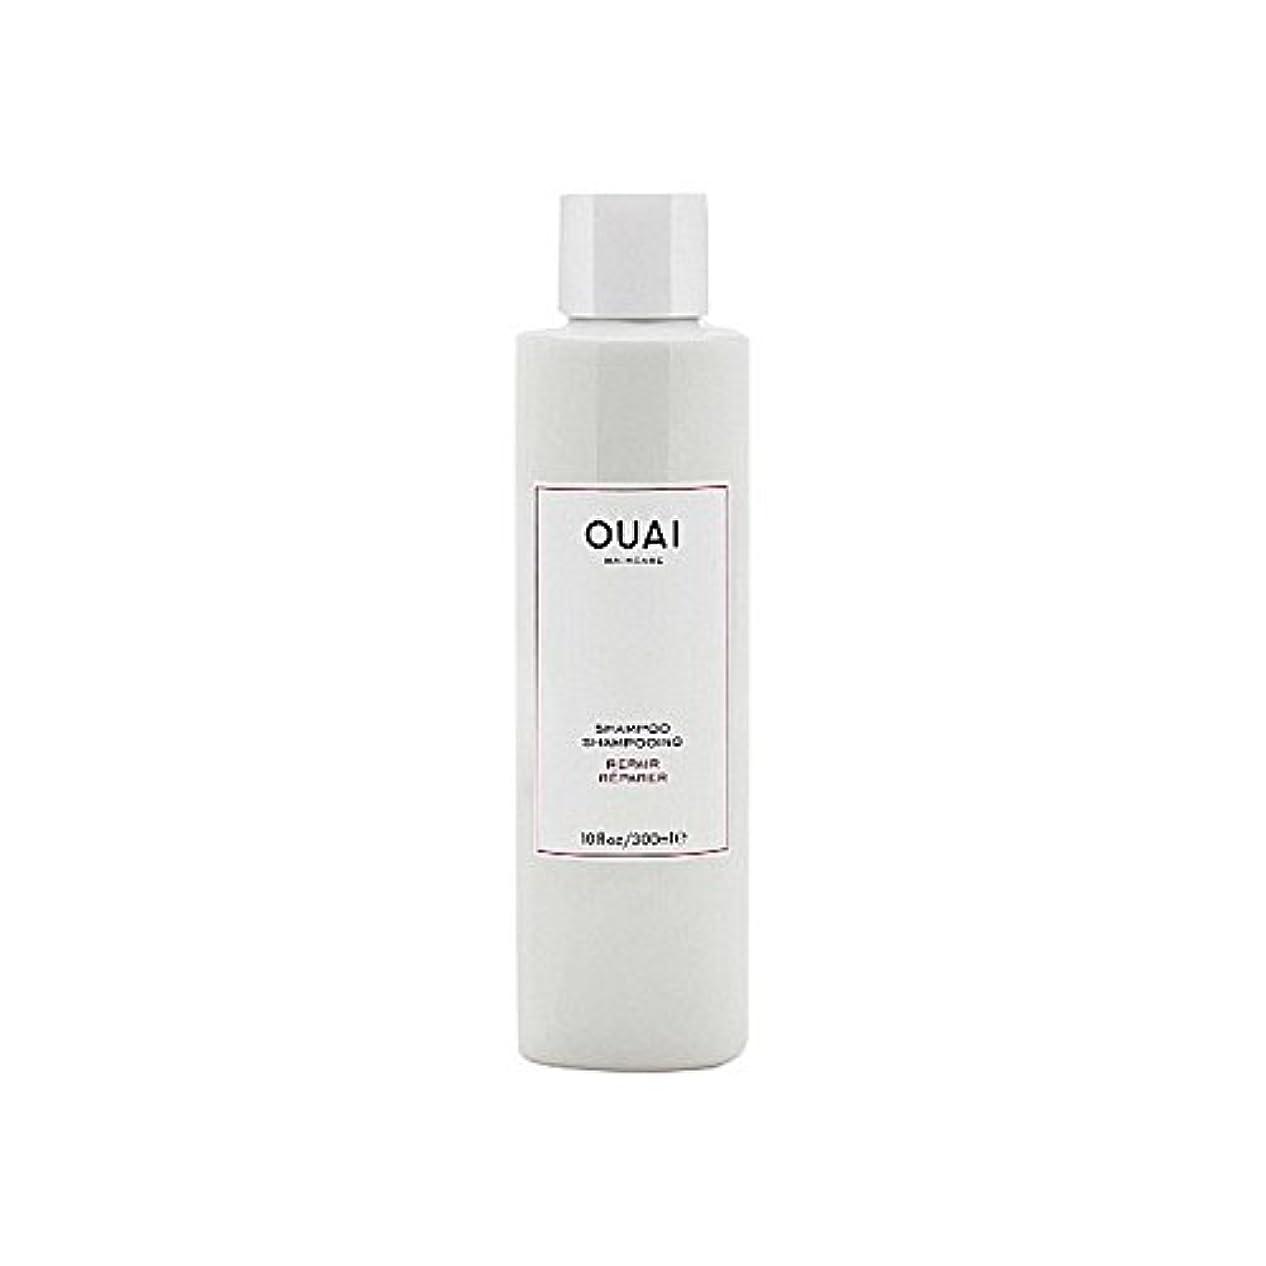 散歩日焼け見分けるリペアシャンプー300ミリリットル x2 - Ouai Repair Shampoo 300ml (Pack of 2) [並行輸入品]